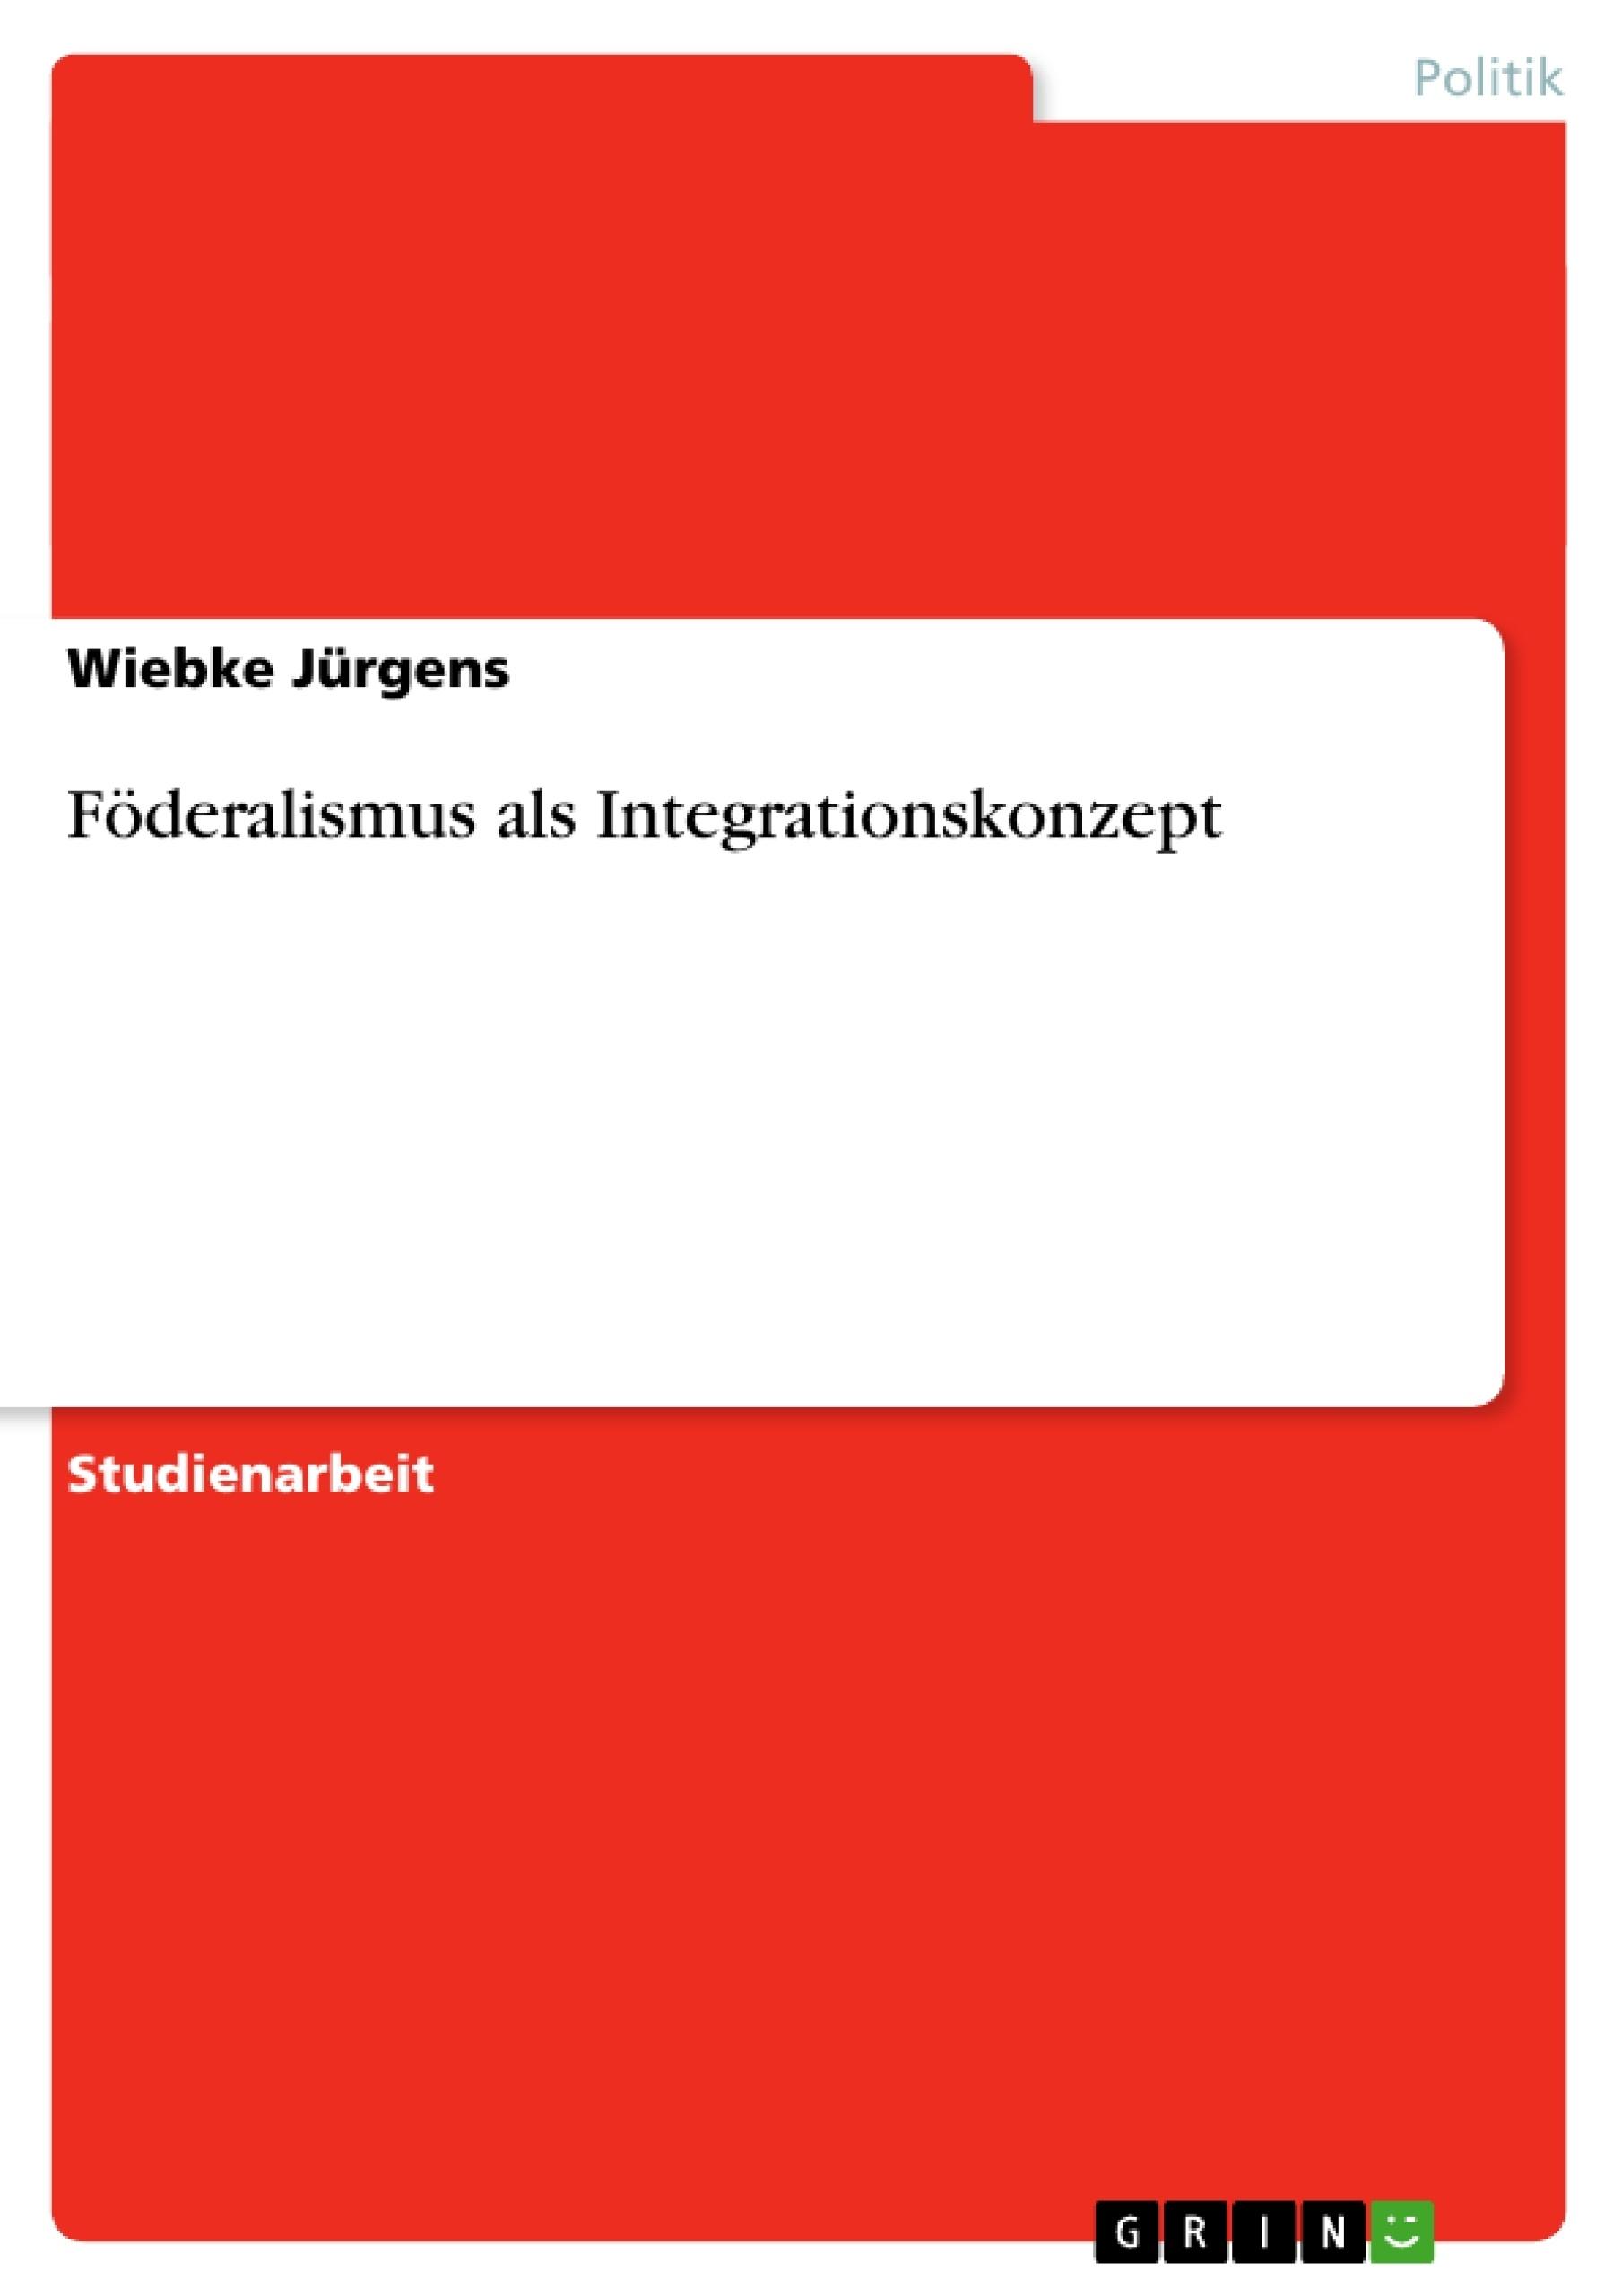 Titel: Föderalismus als Integrationskonzept